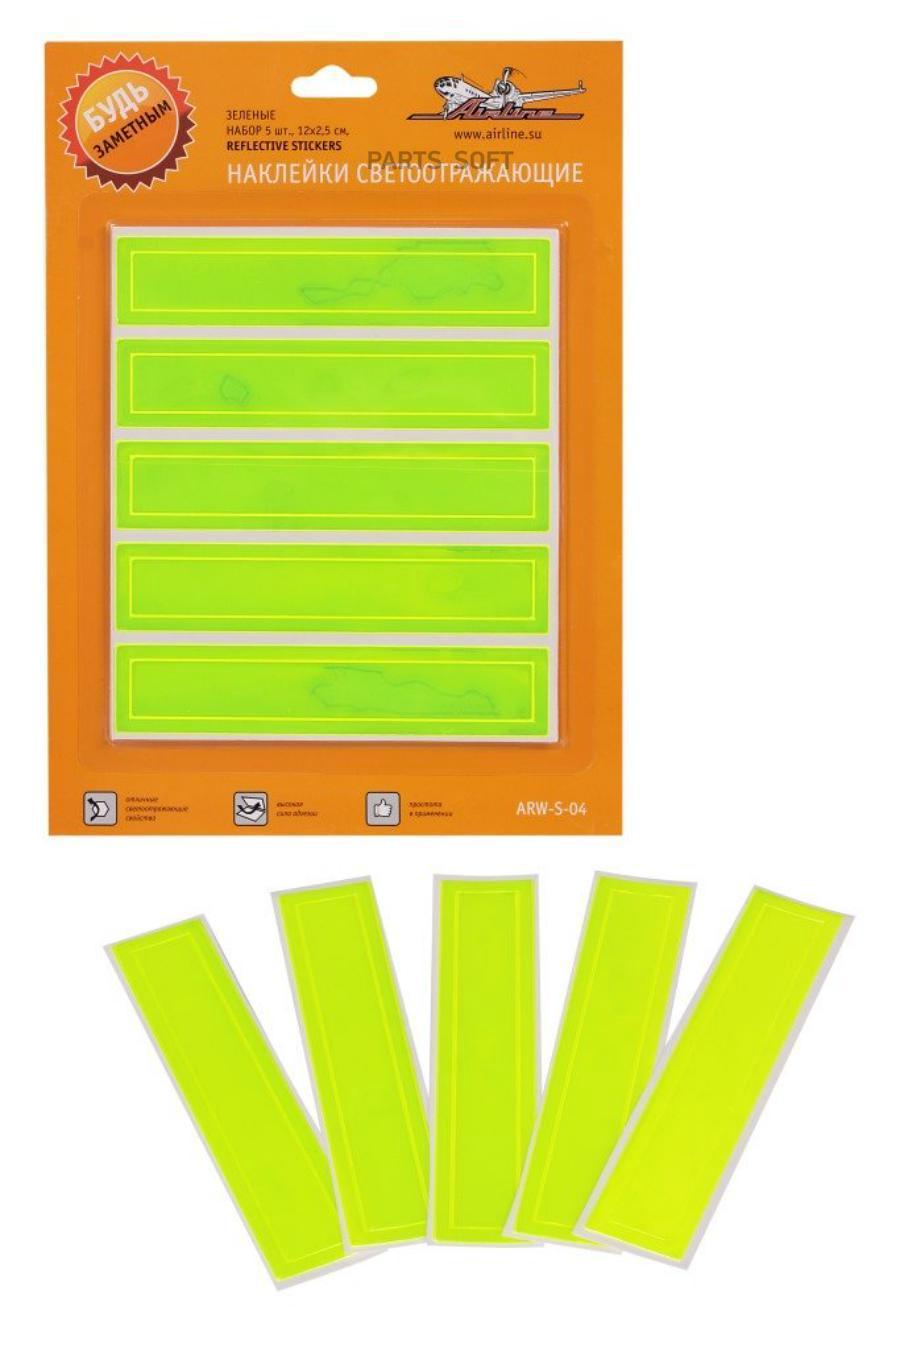 Наклейки светоотражающие, набор 5 шт.,12*2,5 см, зеленые